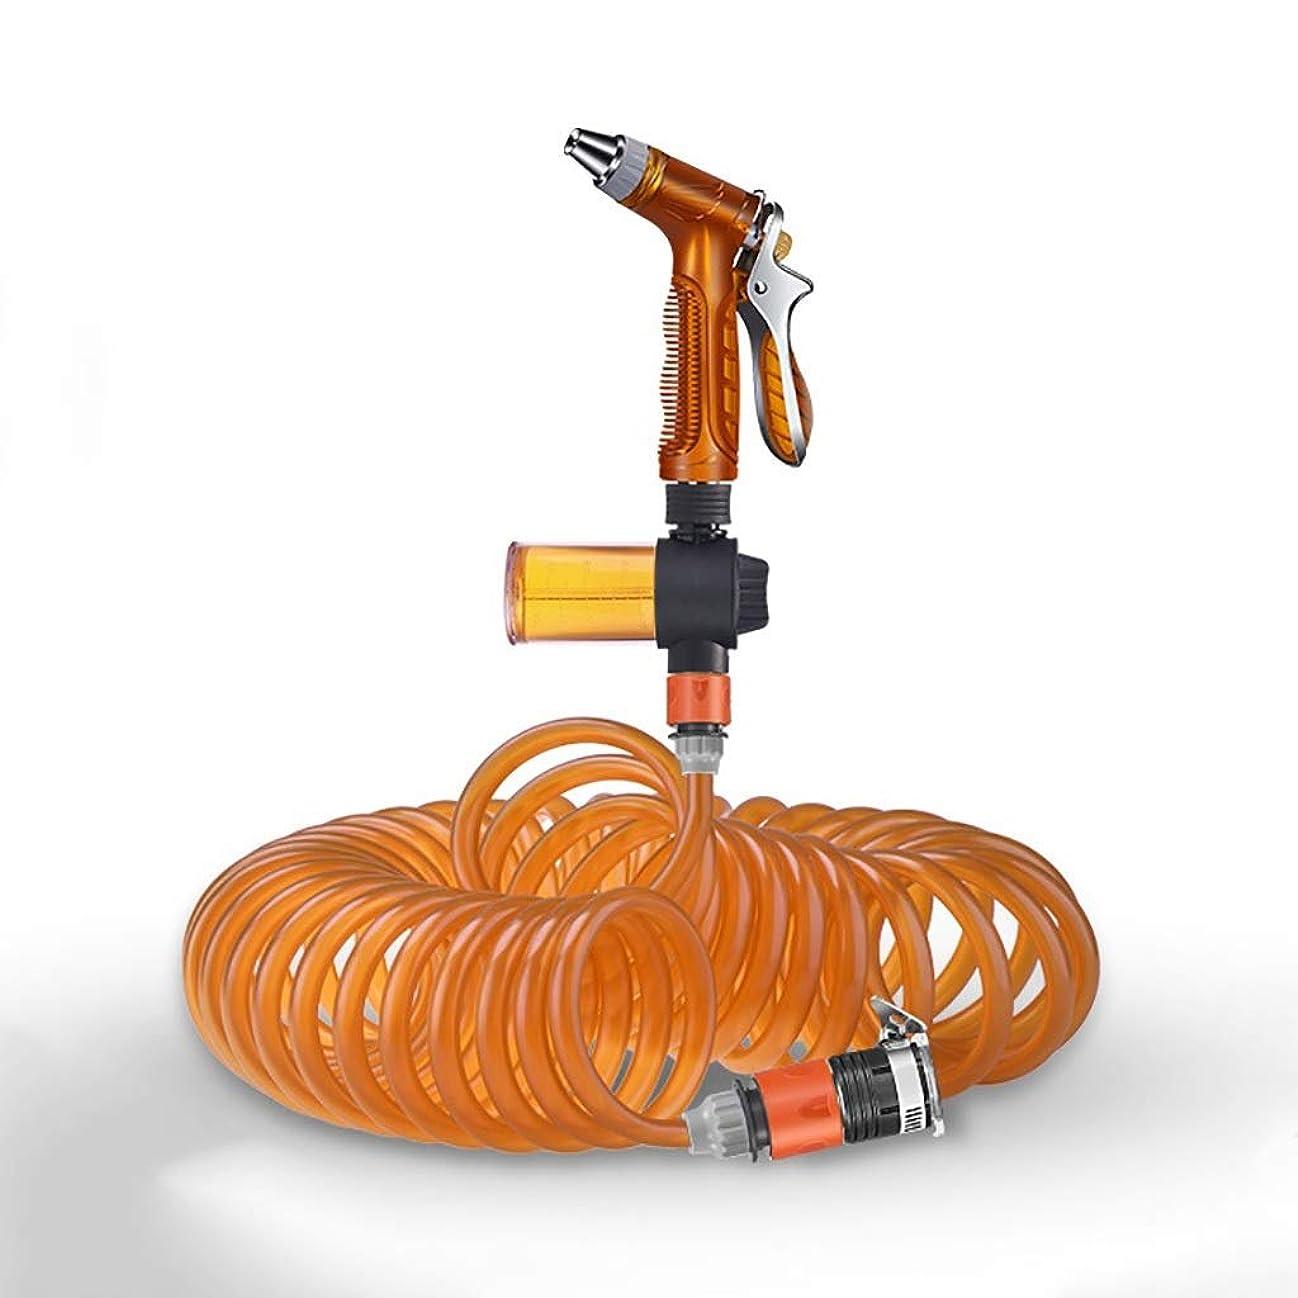 熟考する温度計物理的な真鍮コネクタ泡ポットの高圧力水鉄砲ガーデンホーススプレーガンセットスーパーライト春の伸縮ホースの水漏れの証拠 (Size : 10m)